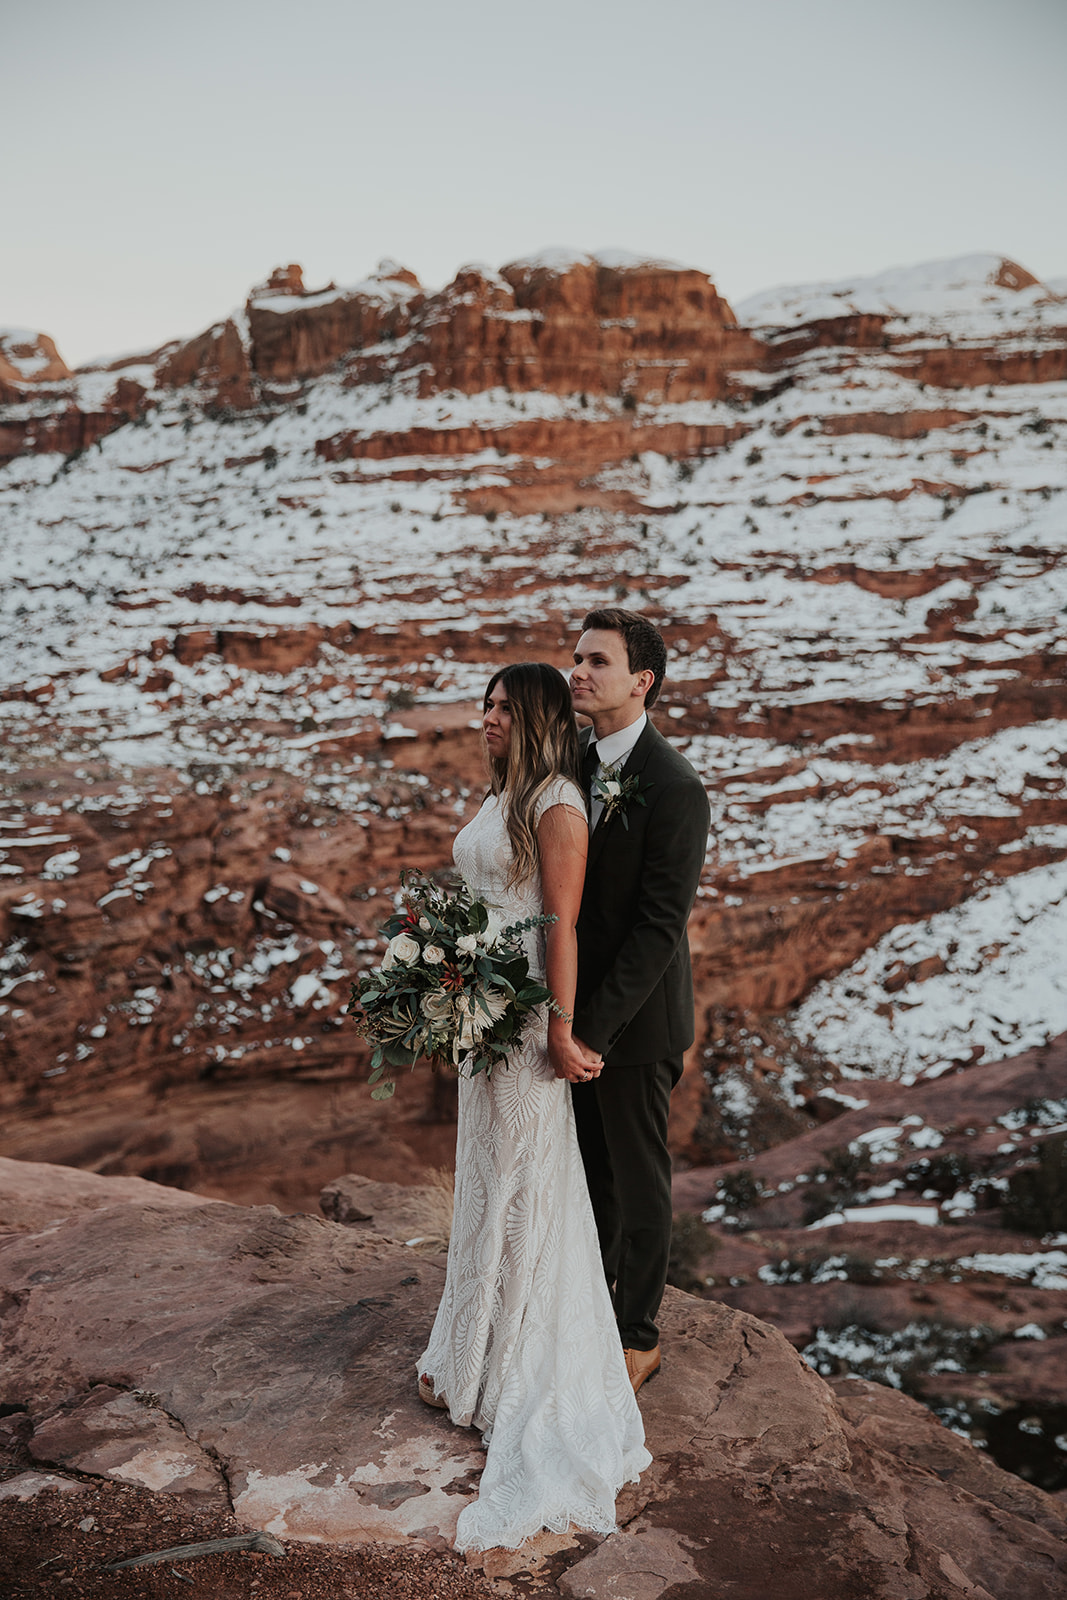 jamie+weston bridals-248.jpg